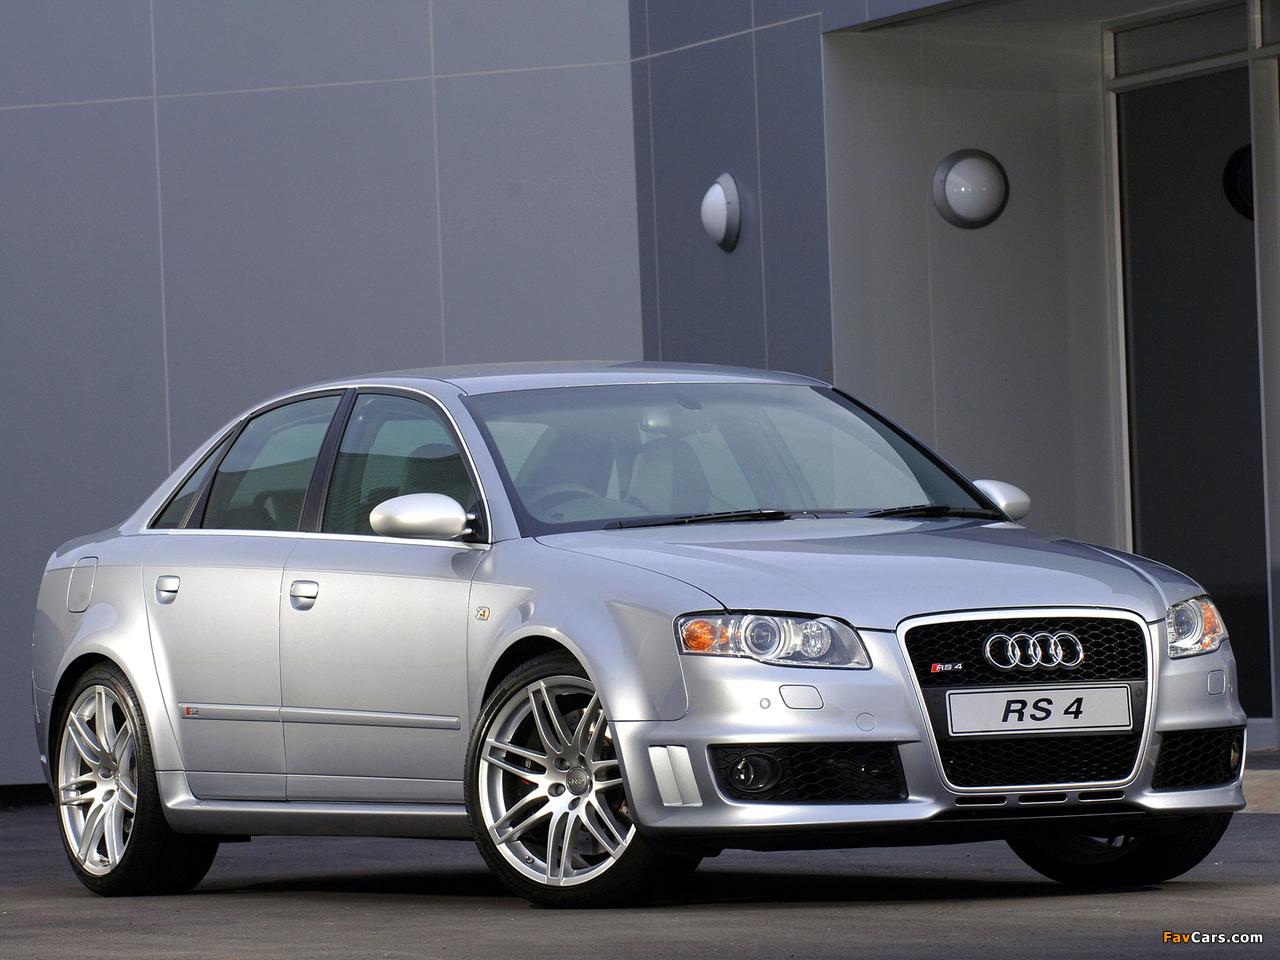 Audi Rs4 Sedan Za Spec B7 8e 2005 07 Wallpapers 1280x960